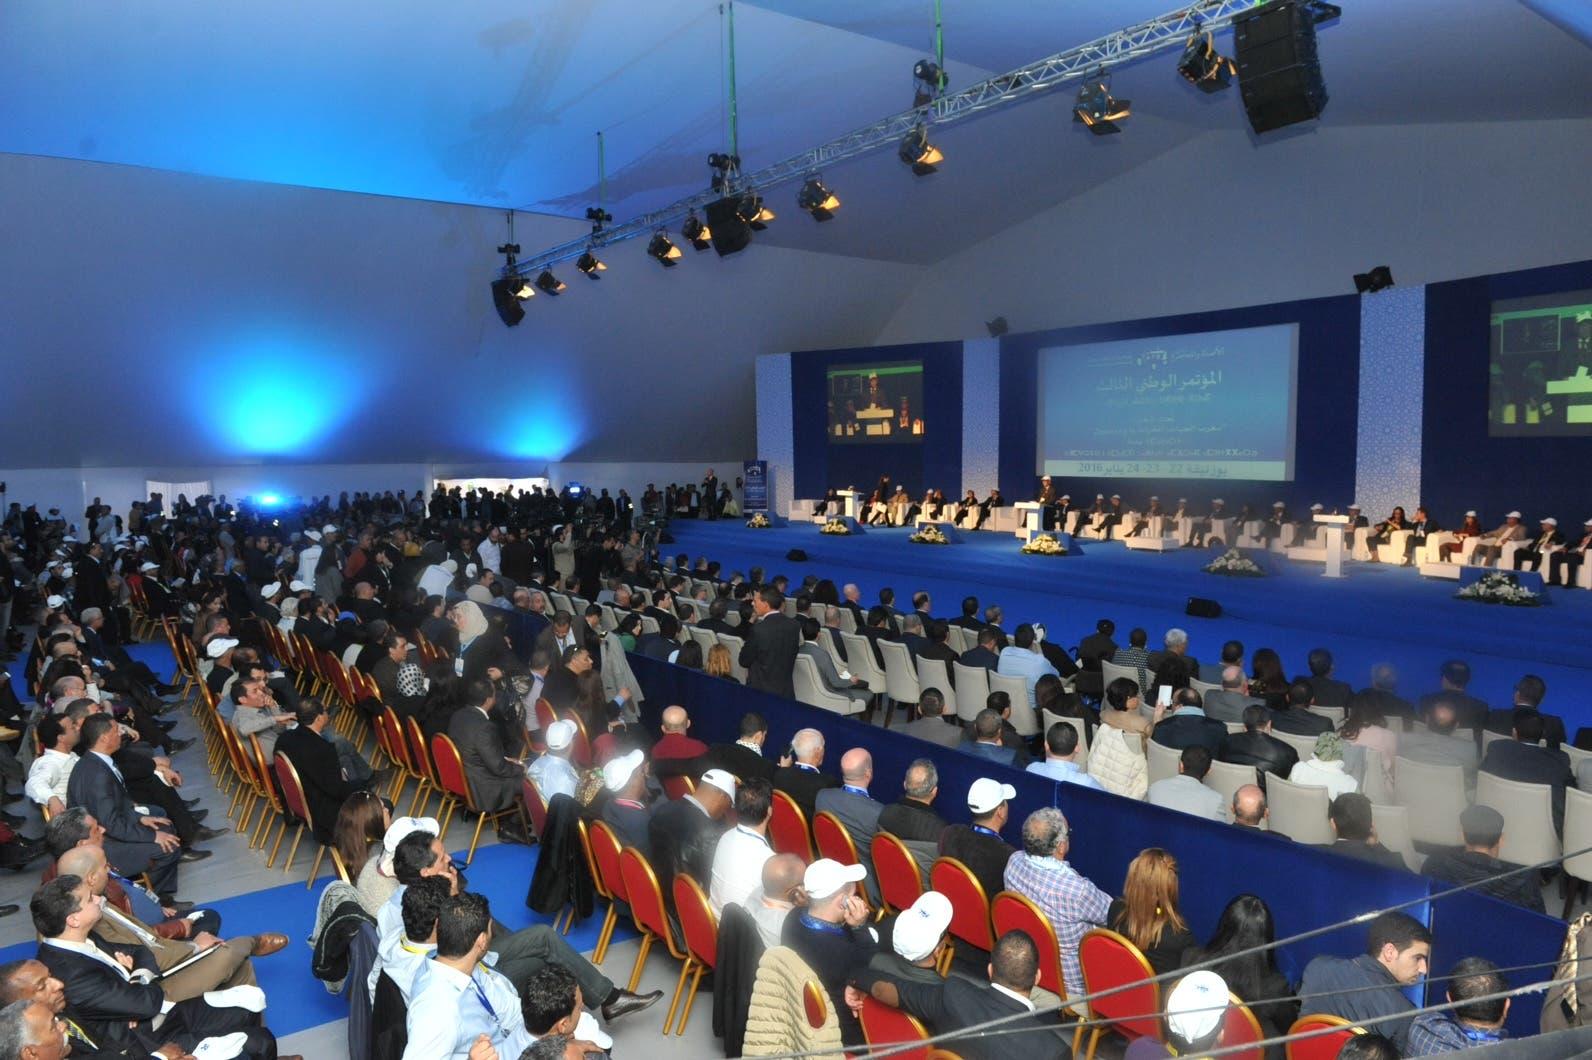 مشهد عام من جلسة افتتاح مؤتمر الاصالة والمعاصرة في منتجع بوزنيقة